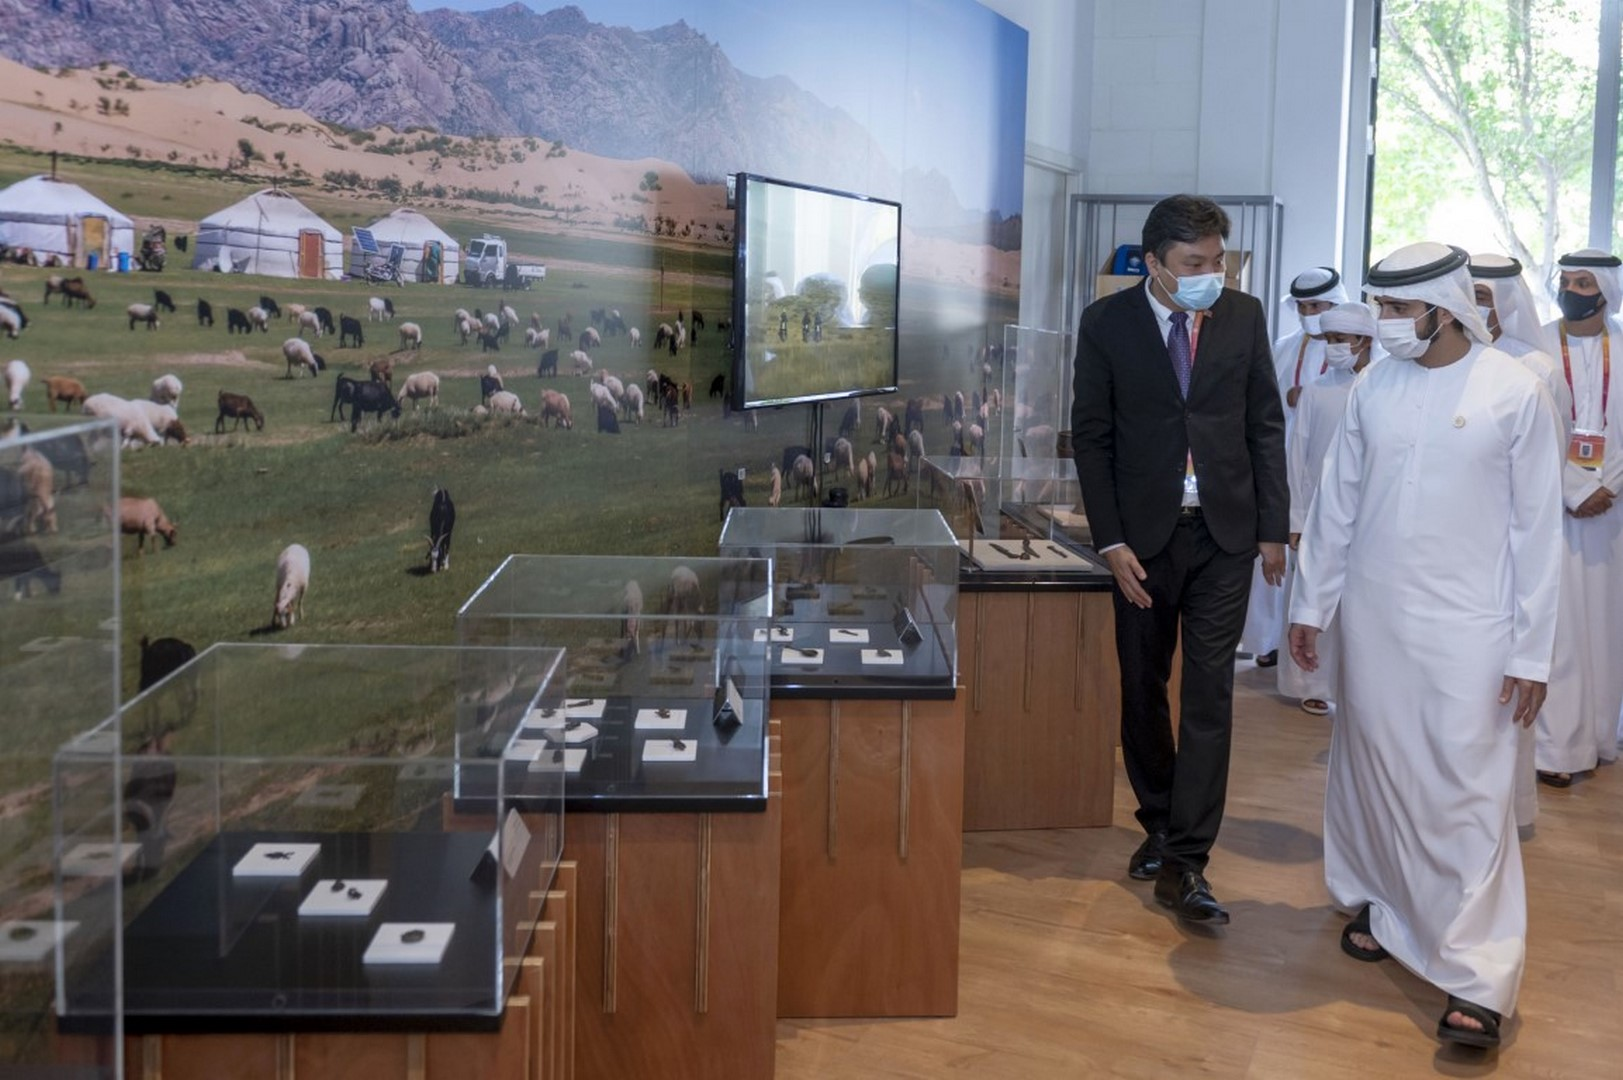 حمدان بن محمد: إكسبو 2020 احتفالية إبداعية فريدة تجمع ثقافات وابتكارات شرق العالم وغربه في دبي